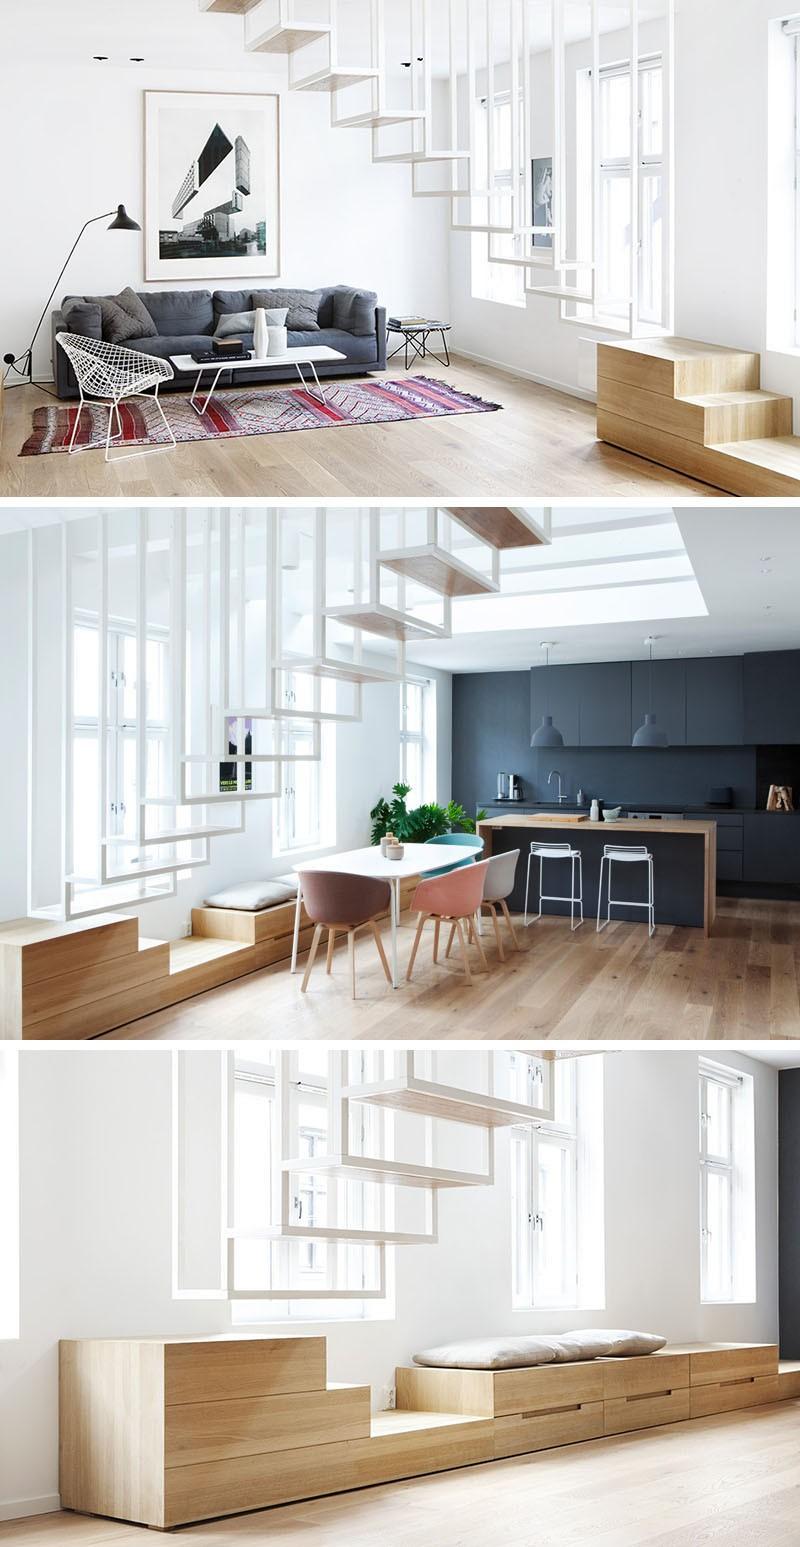 تصاميم سلالم داخلية مساحات صغيرة - السلالم المعلقة